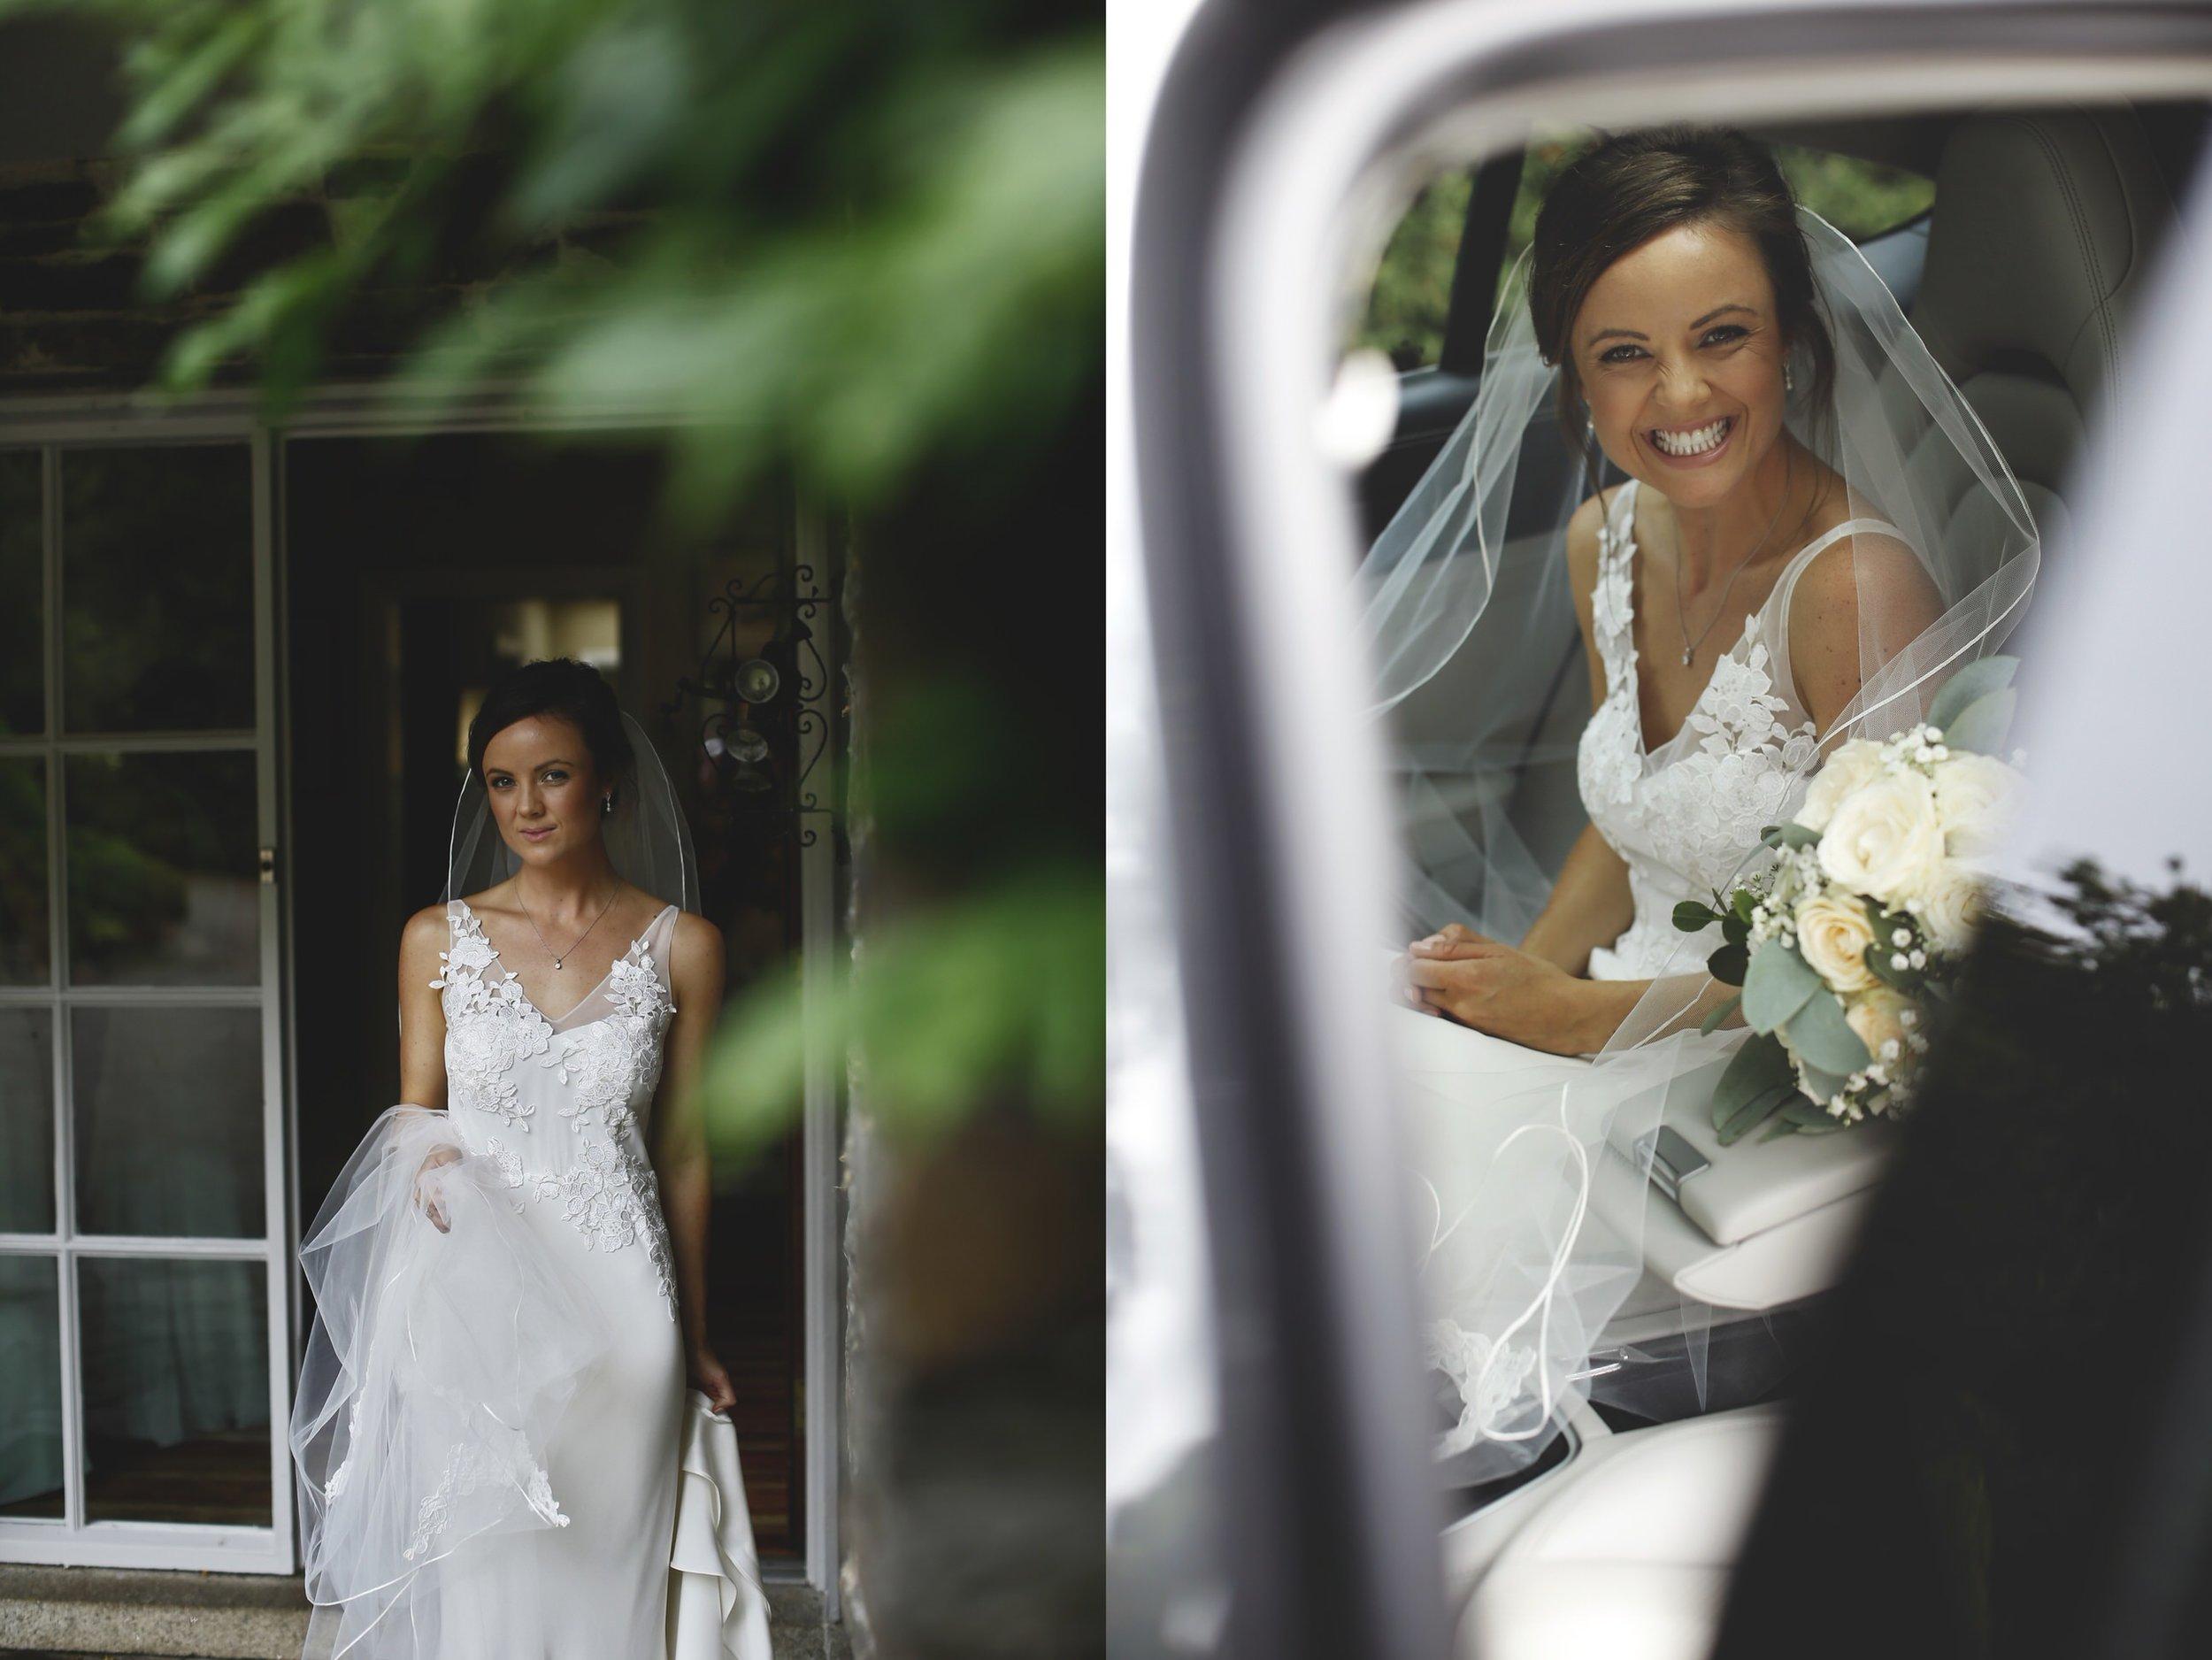 brettharkness-destination-wedding-photographer-ireland_0021.jpg